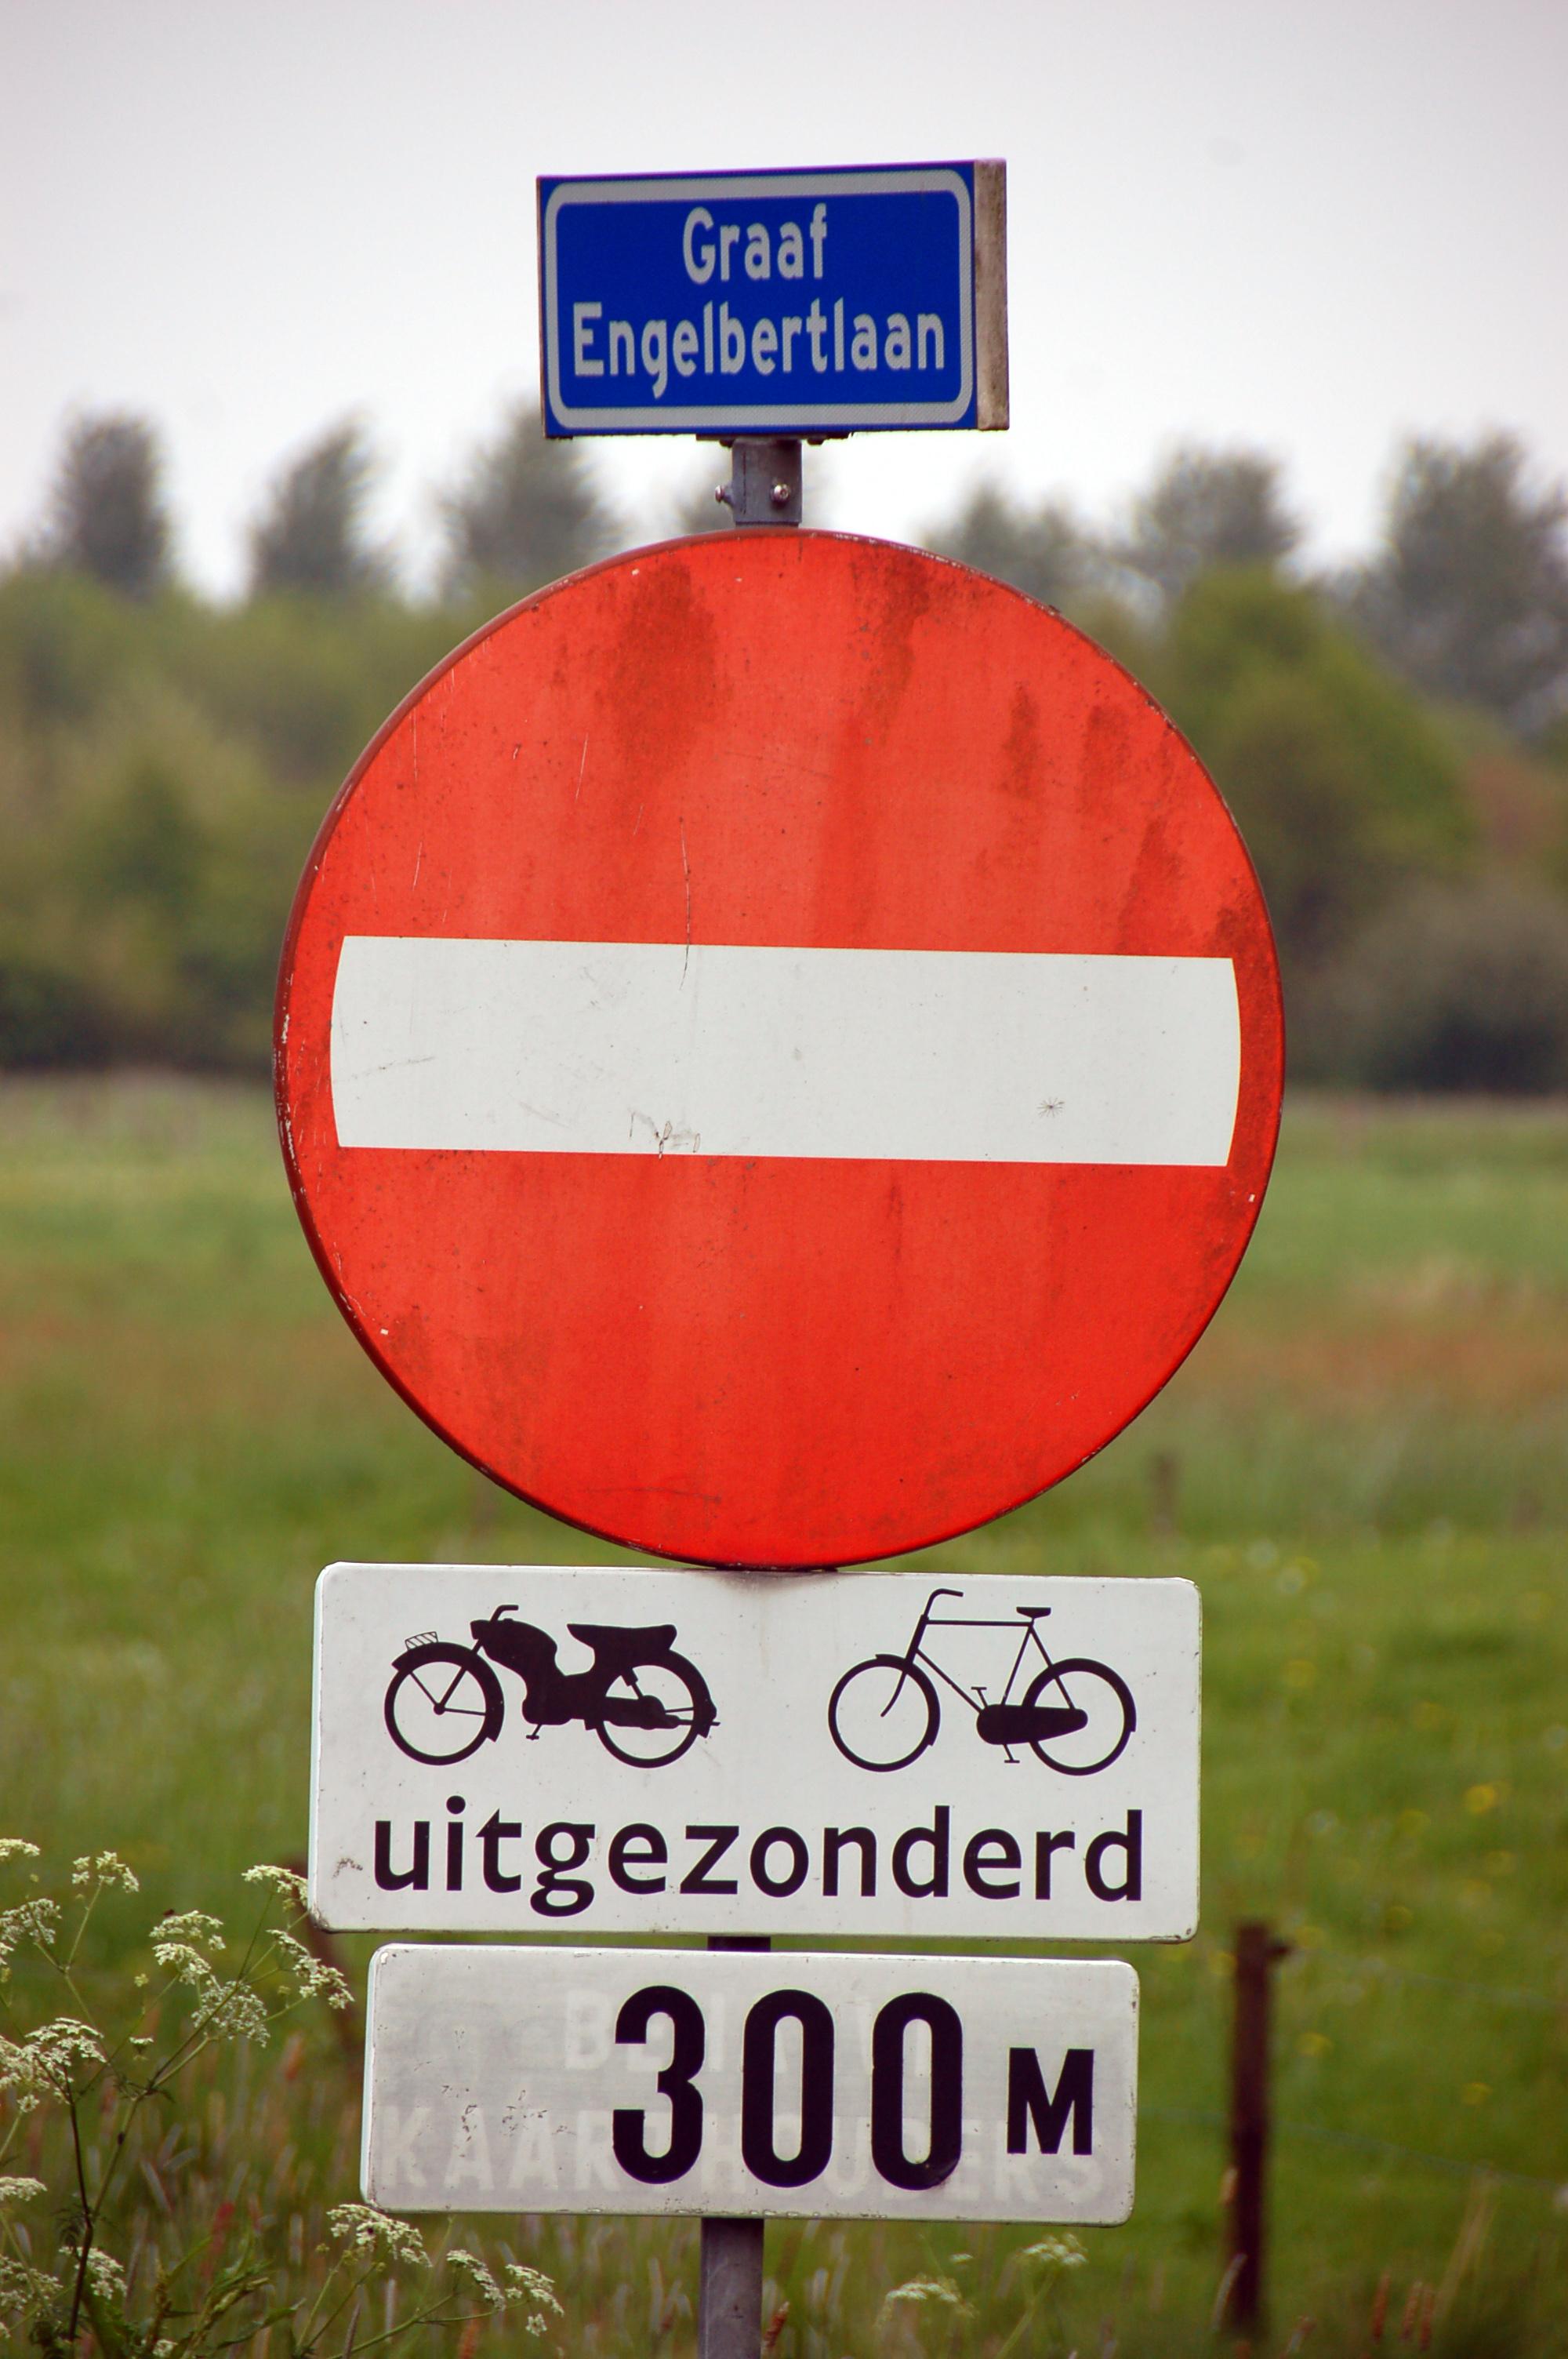 Datei:2010-05-breda-fahrradschilder-by-RalfR-03.jpg